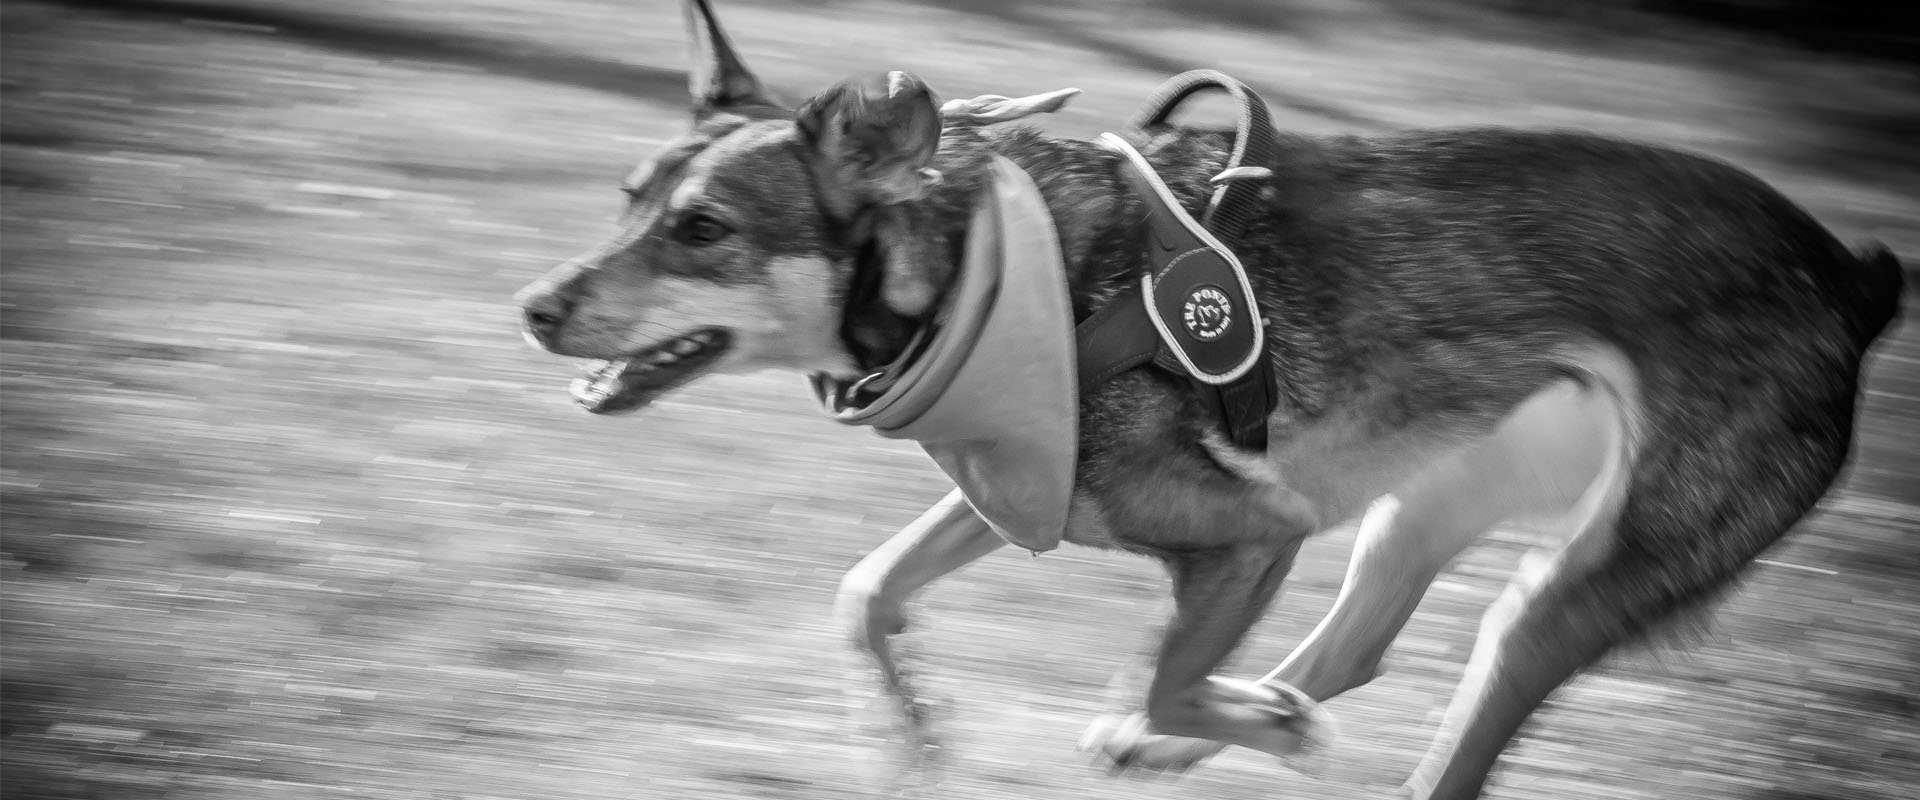 Rescue Romanian Straydogs trekt zich het lot aan van straathonden